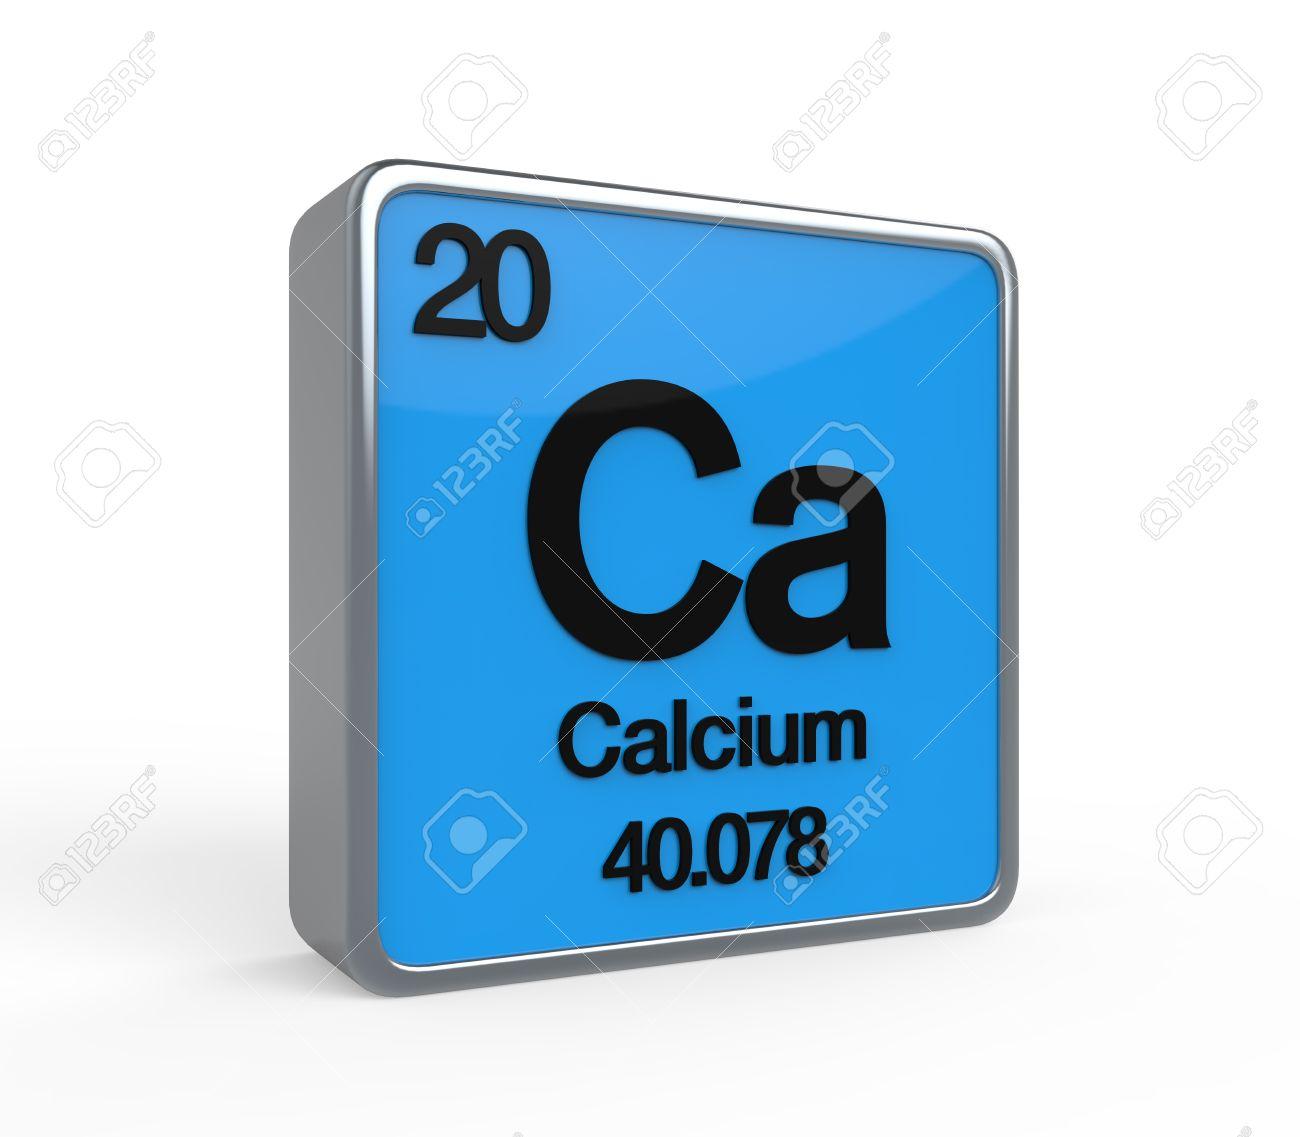 Calcium element periodic table stock photo picture and royalty calcium element periodic table stock photo 21700929 gamestrikefo Images